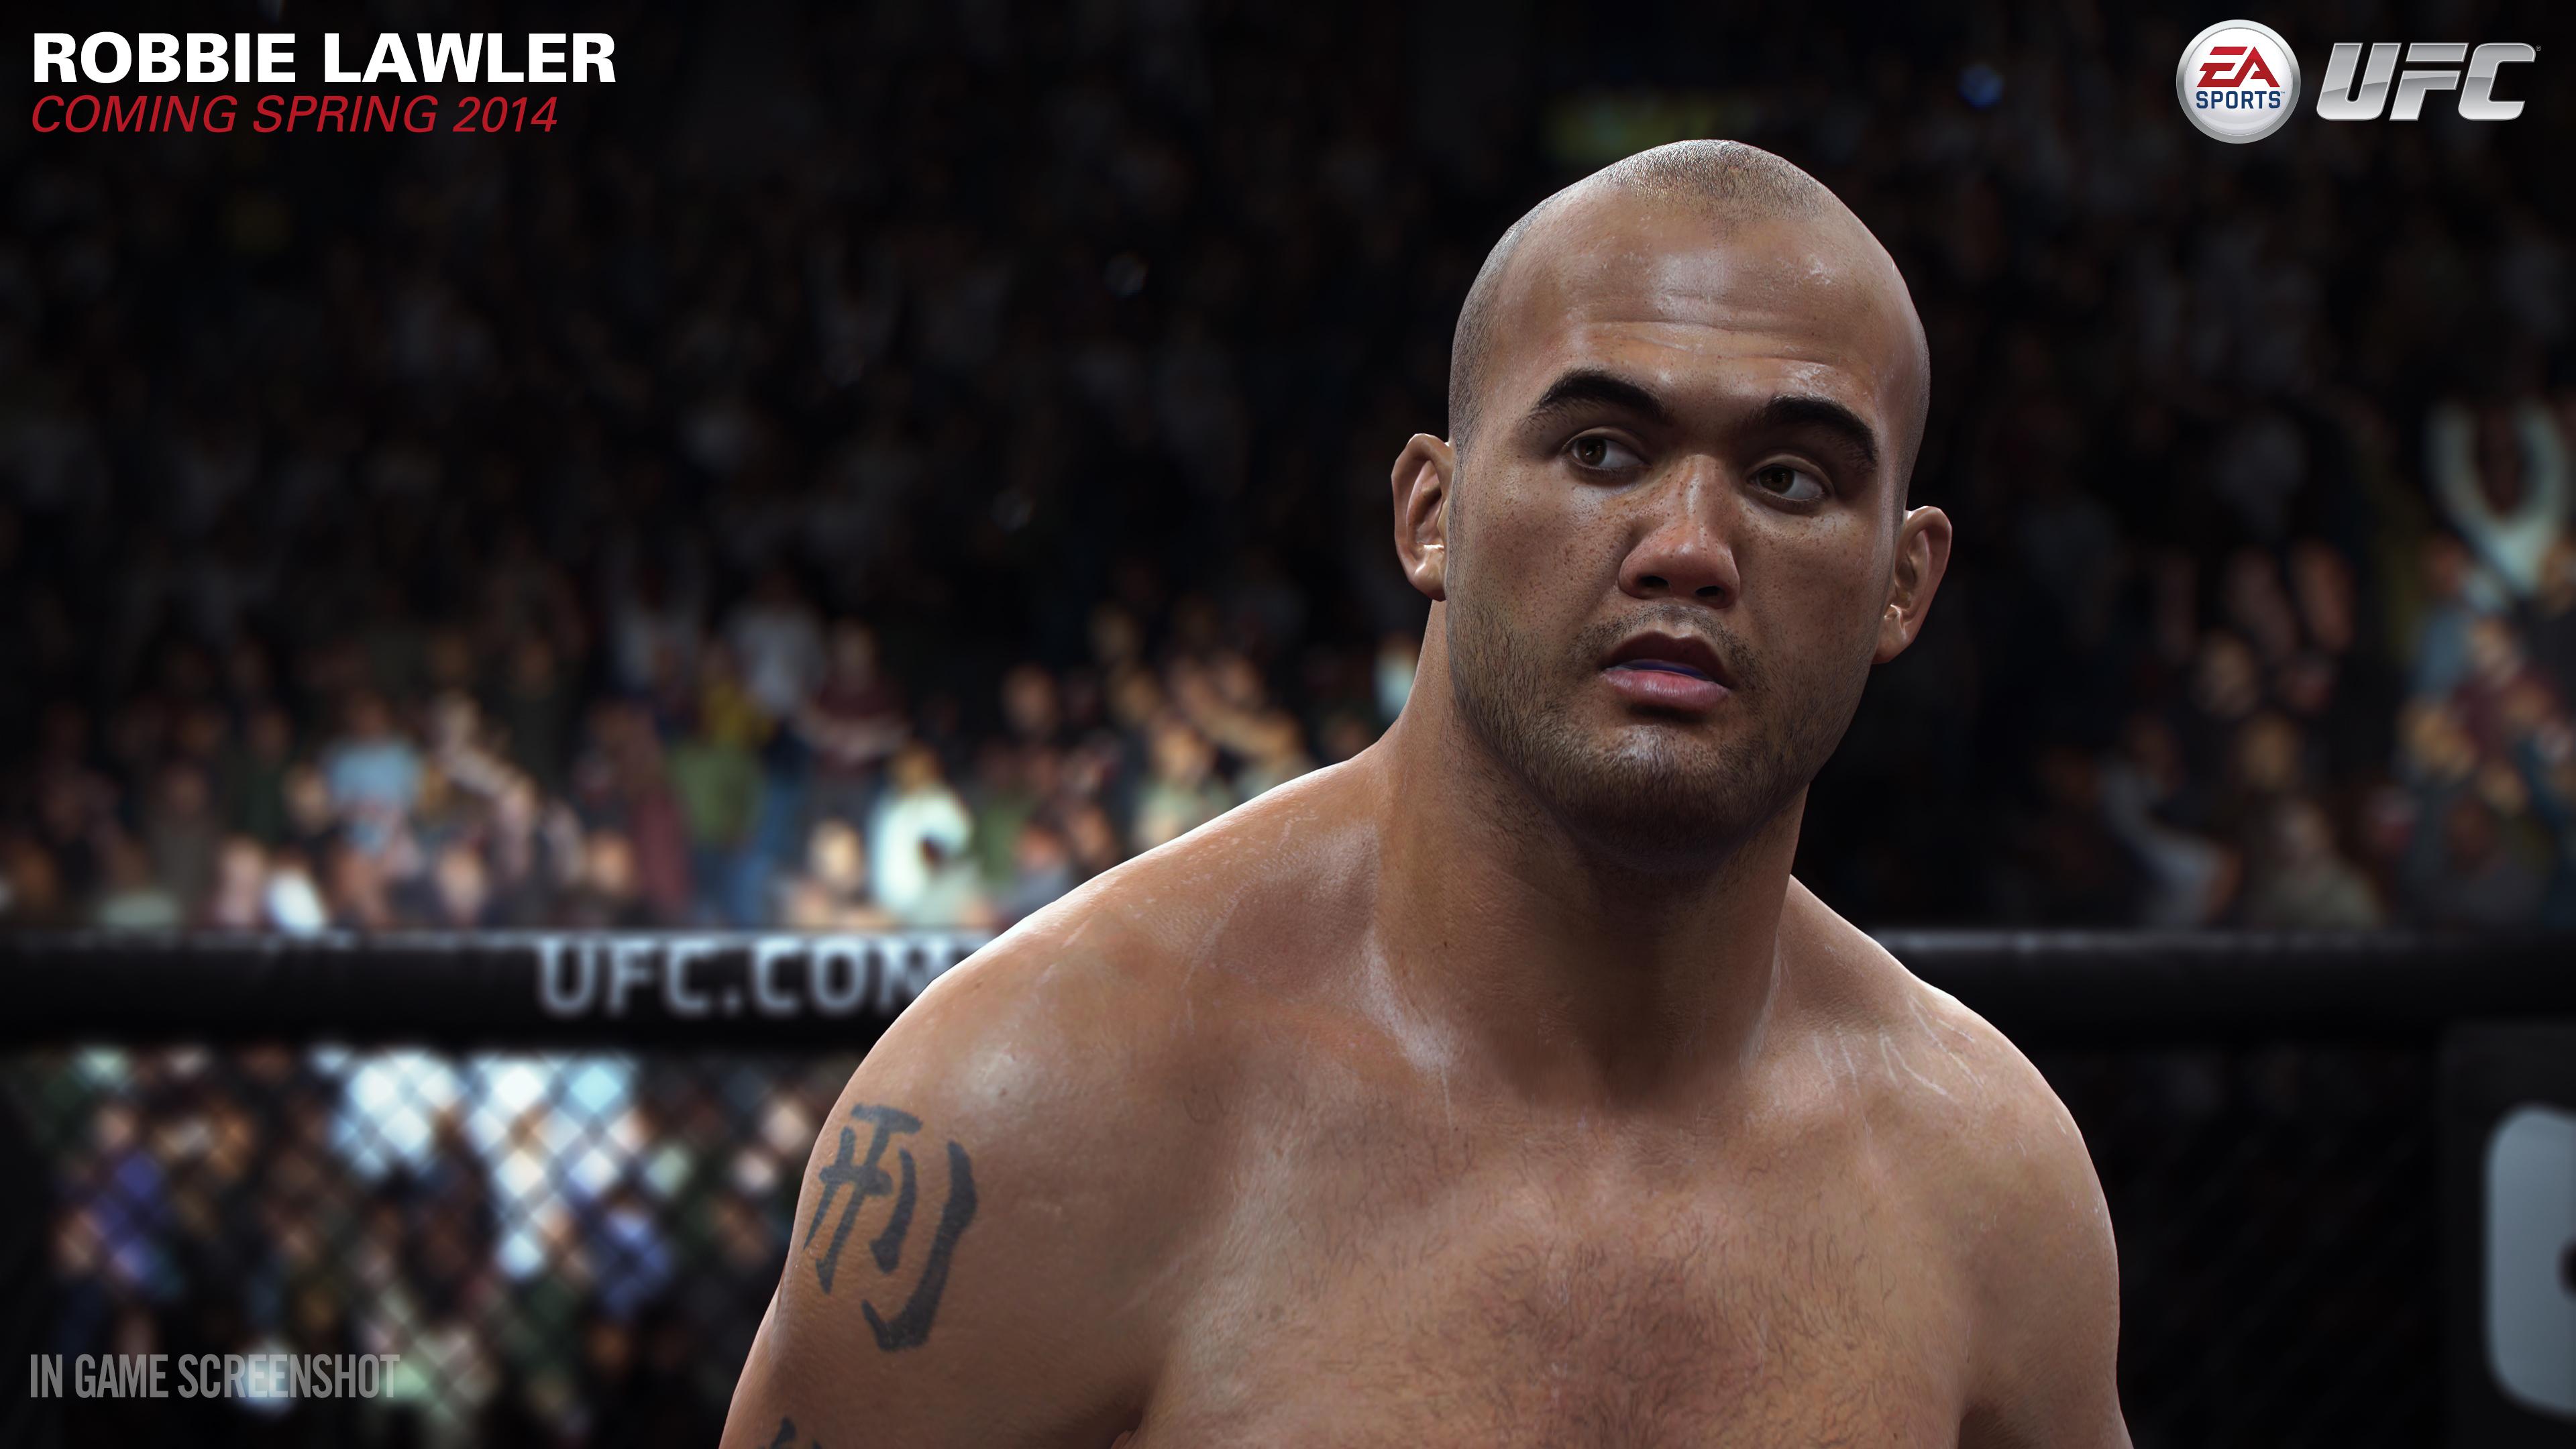 Робби Лоулер - EA Sports UFC 4K